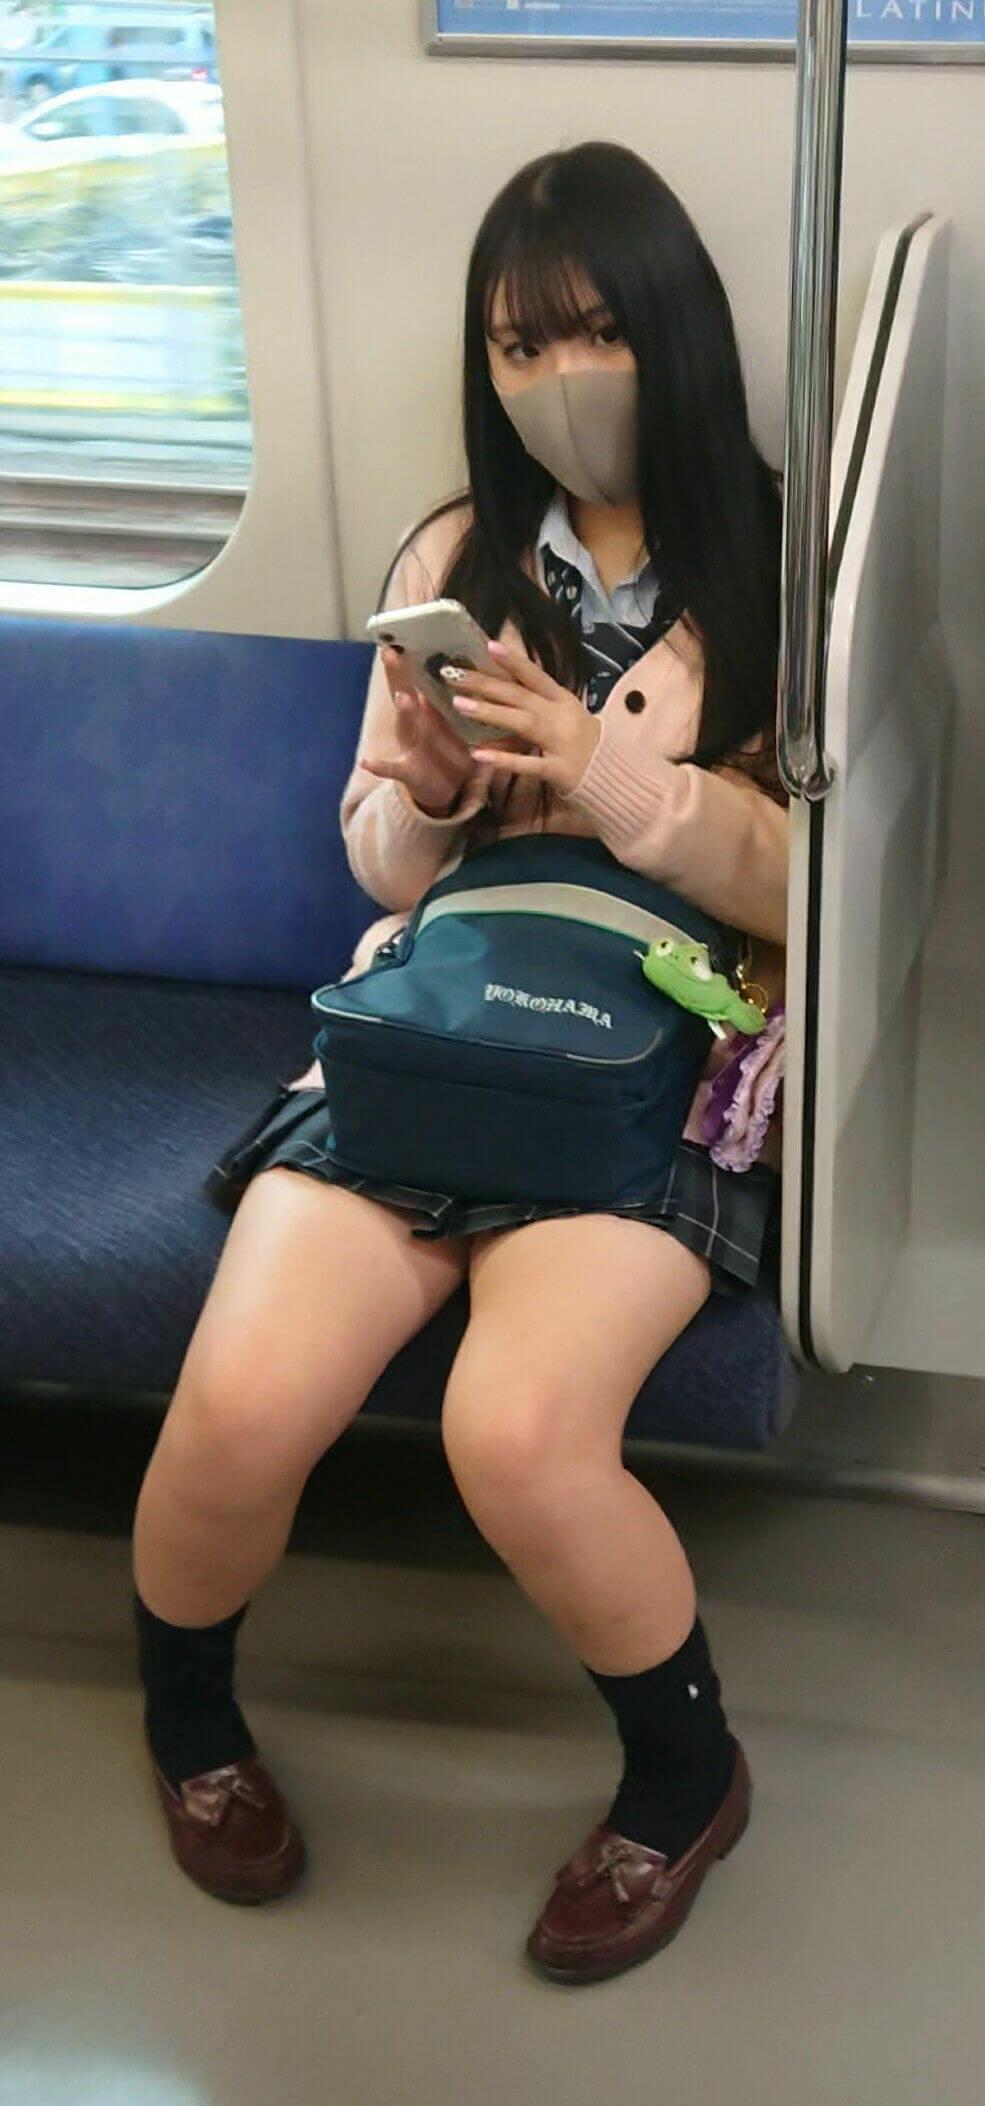 【画像】間違いを犯してしまいそうになる電車内女子高生の写真